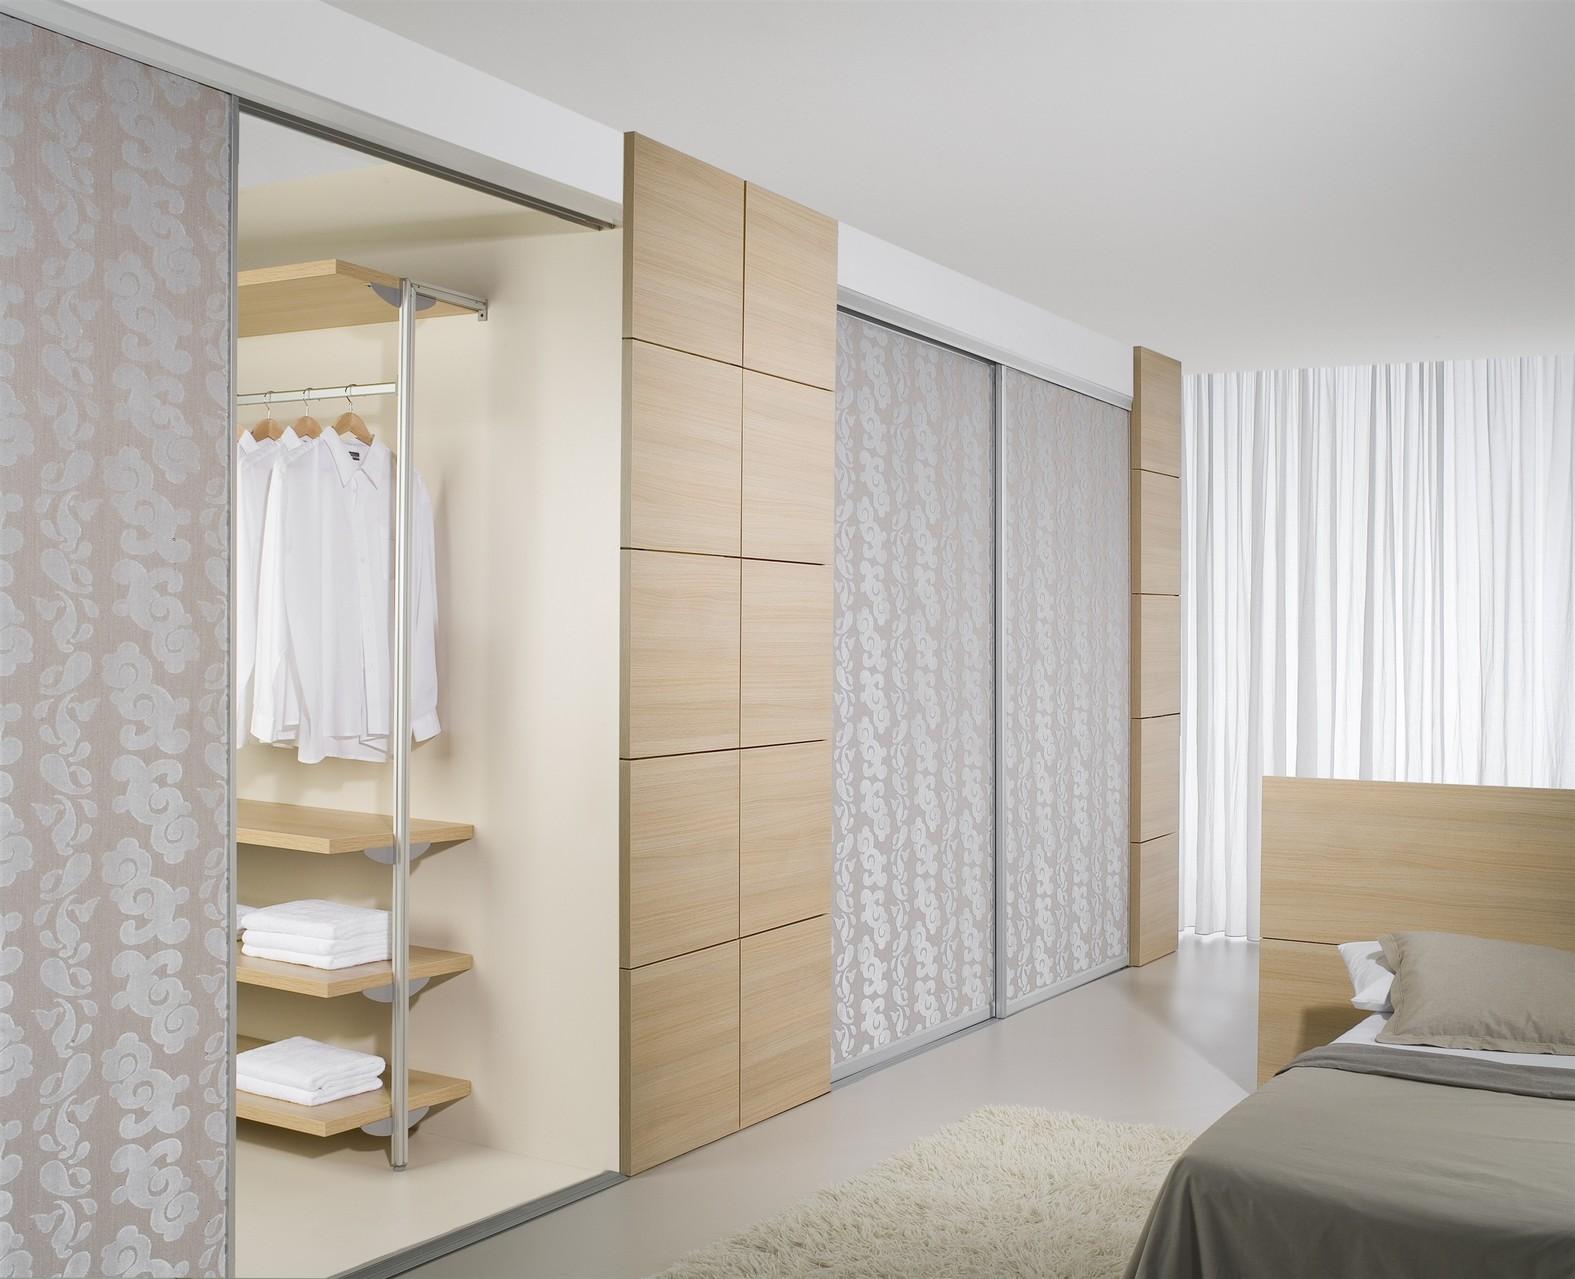 m bel und schranksysteme nach ma individuell und. Black Bedroom Furniture Sets. Home Design Ideas